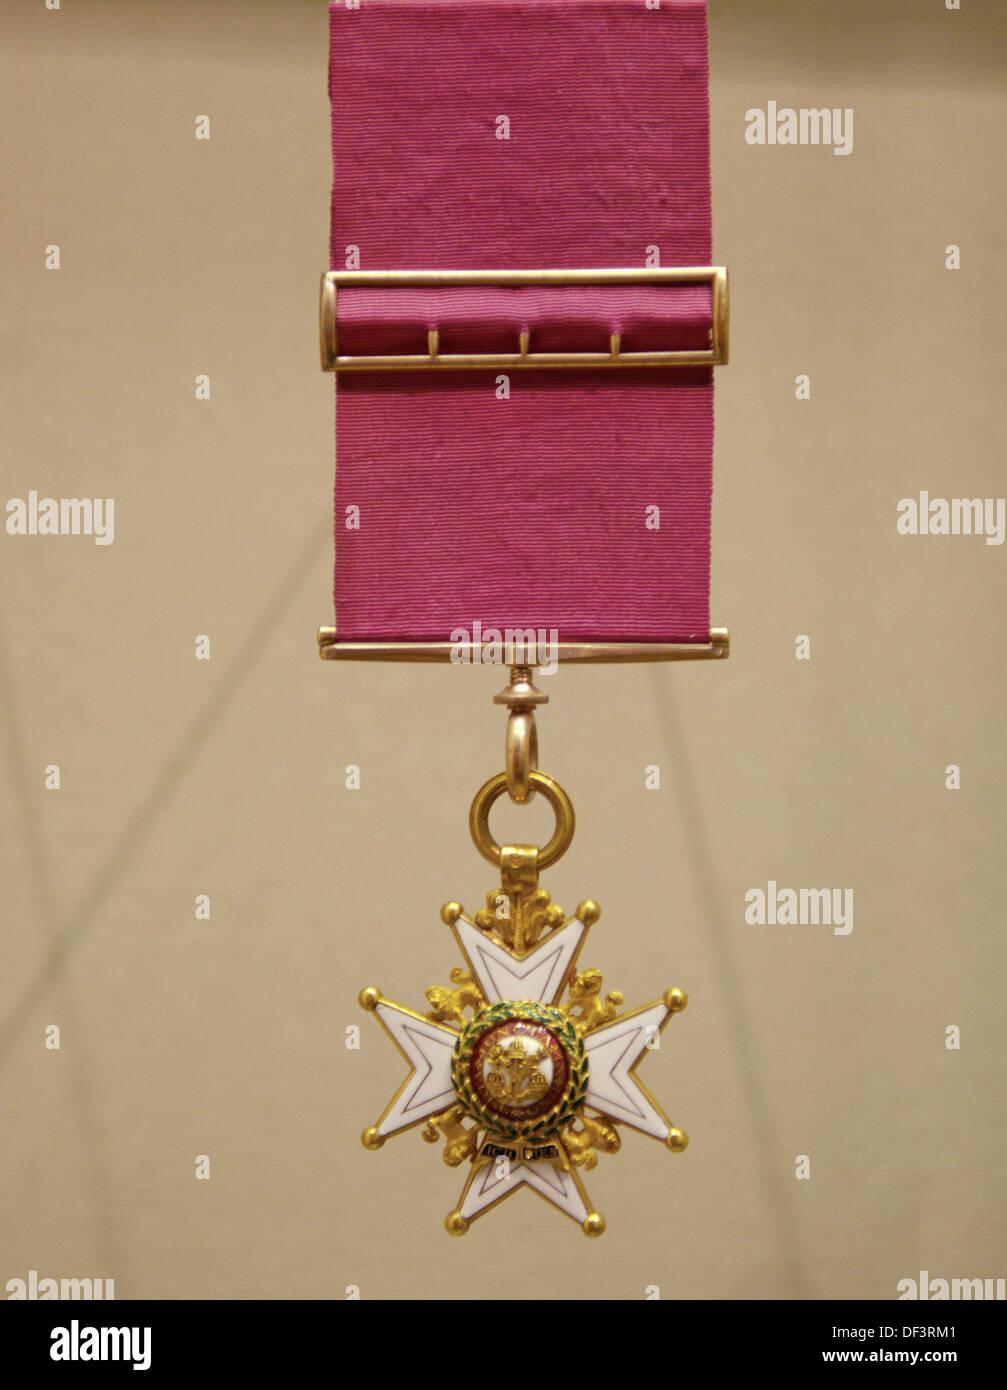 Le Très honorable Ordre du Bain. Musée canadien de la guerre. Ville d'Ottawa (capitale fédérale). Province de l'Ontario. Le Canada. Photo Stock